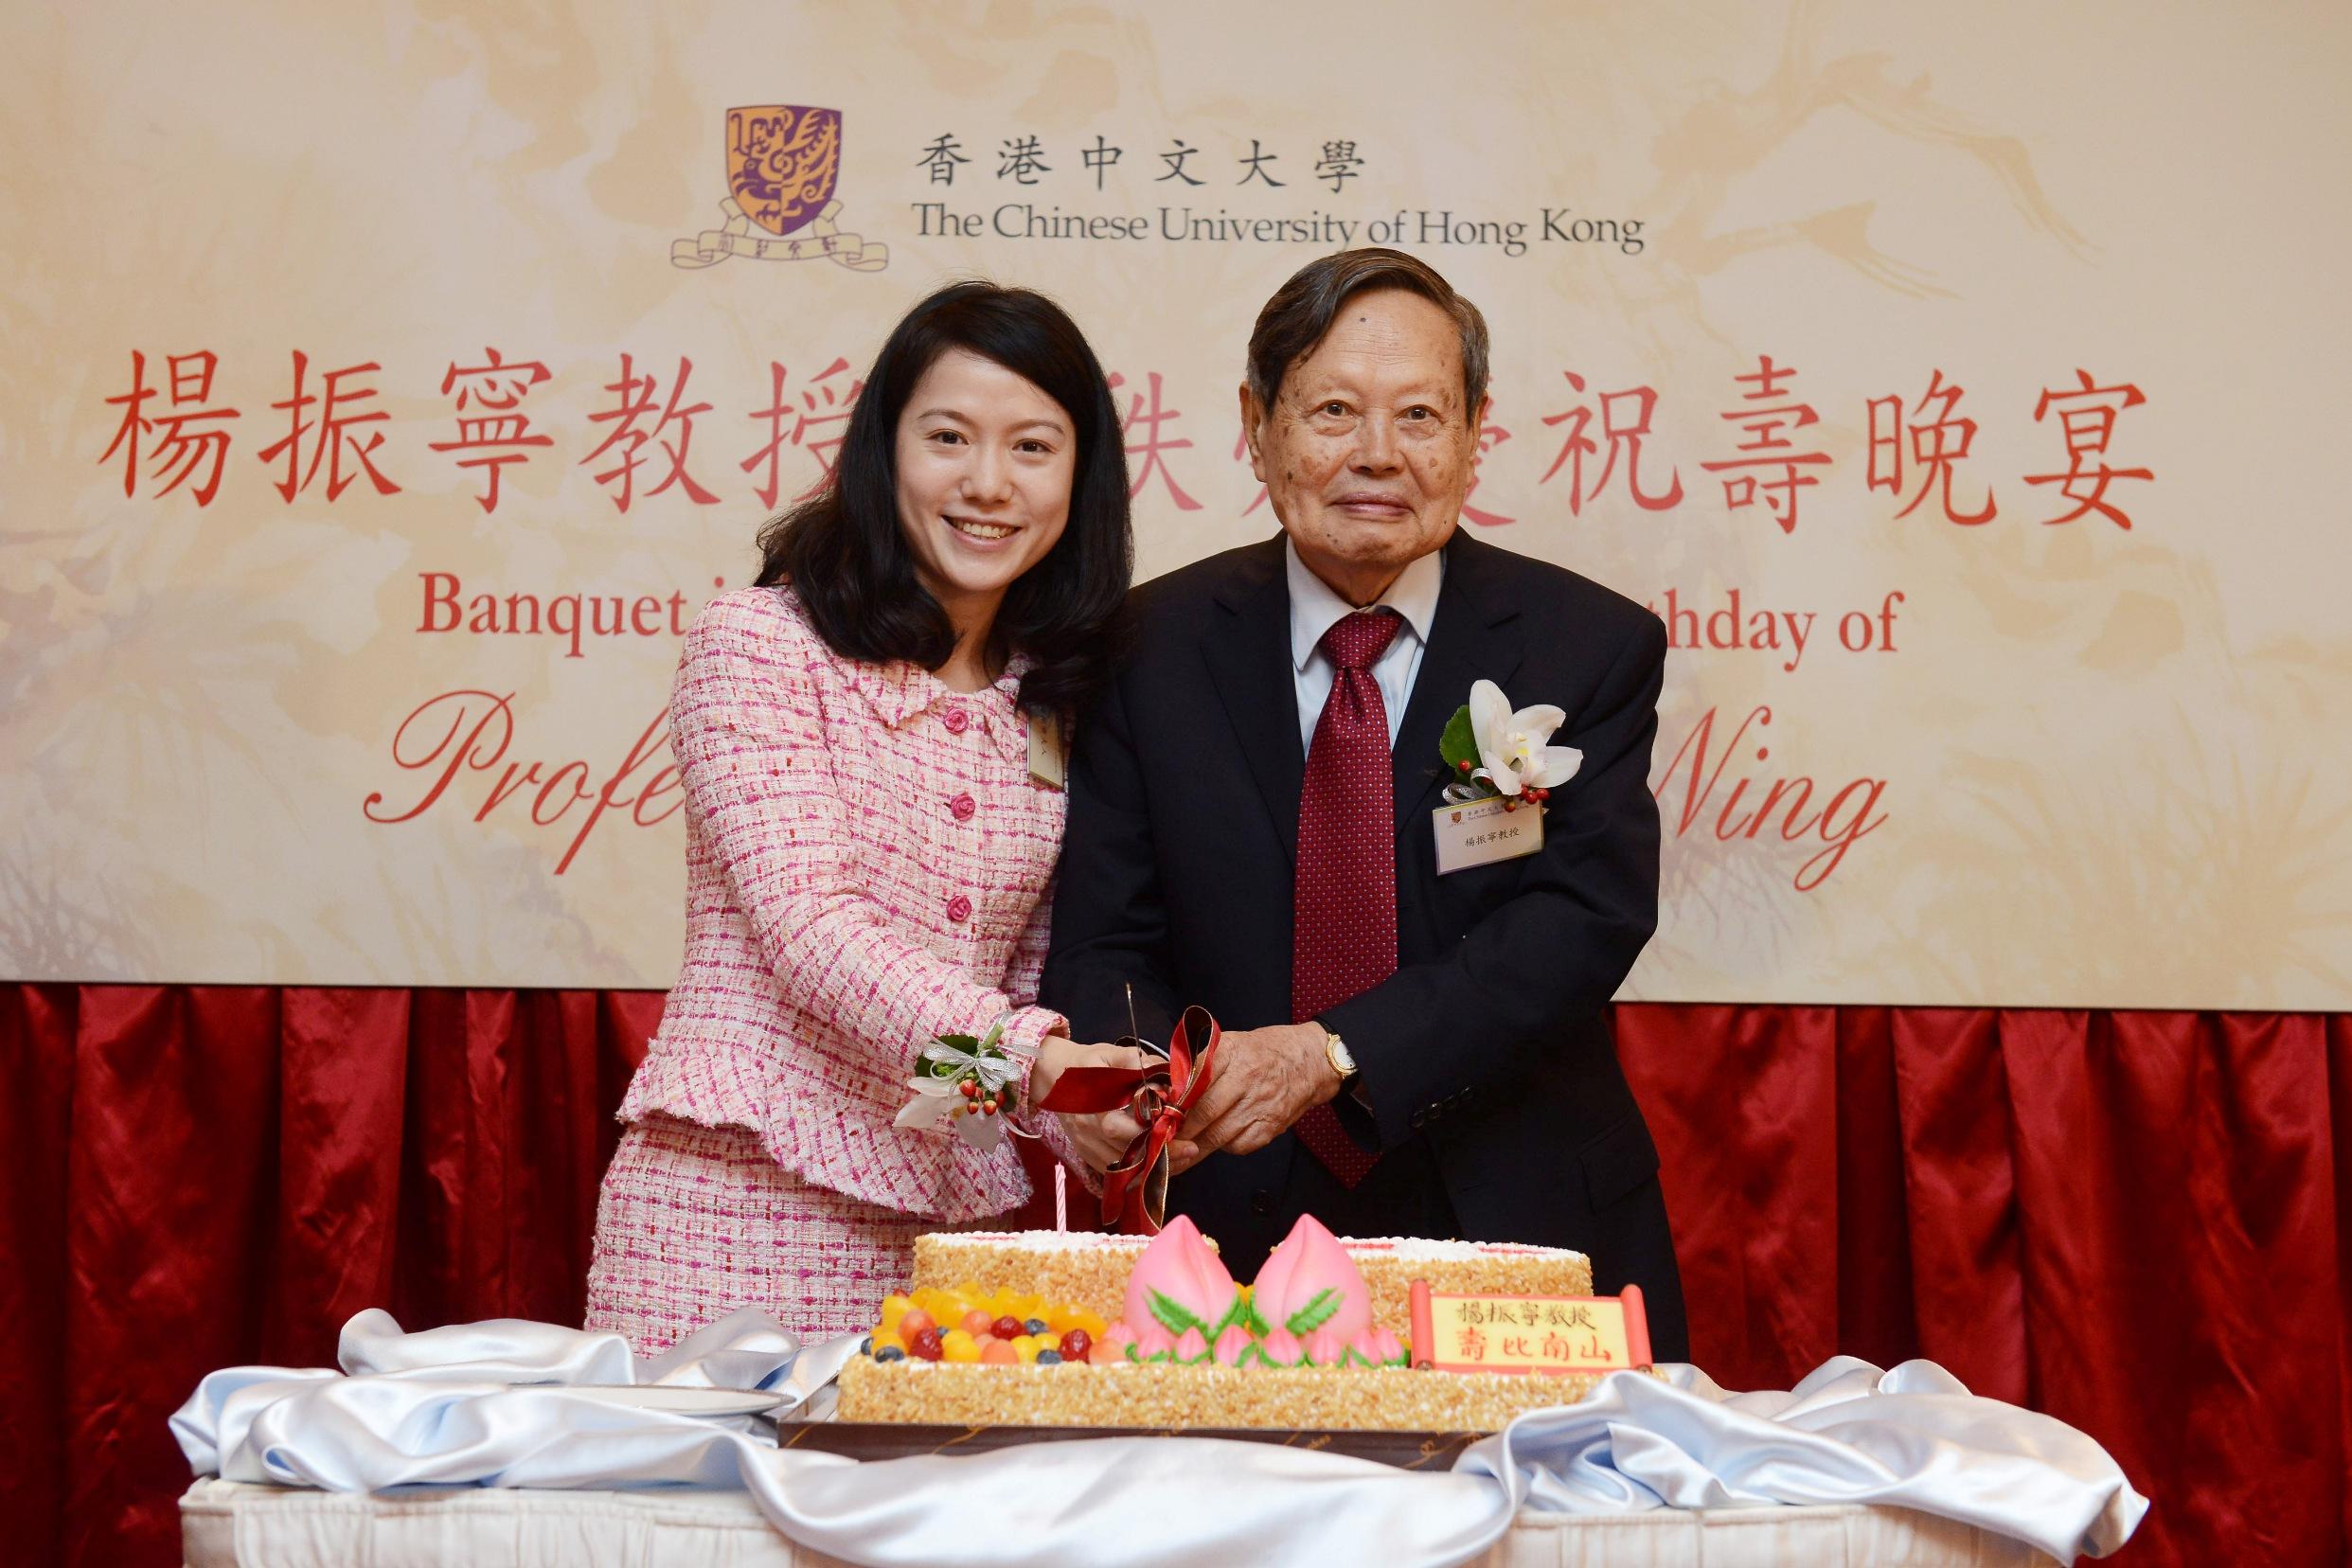 楊振寧教授偕夫人出席祝壽晚宴,一起切生日蛋糕。